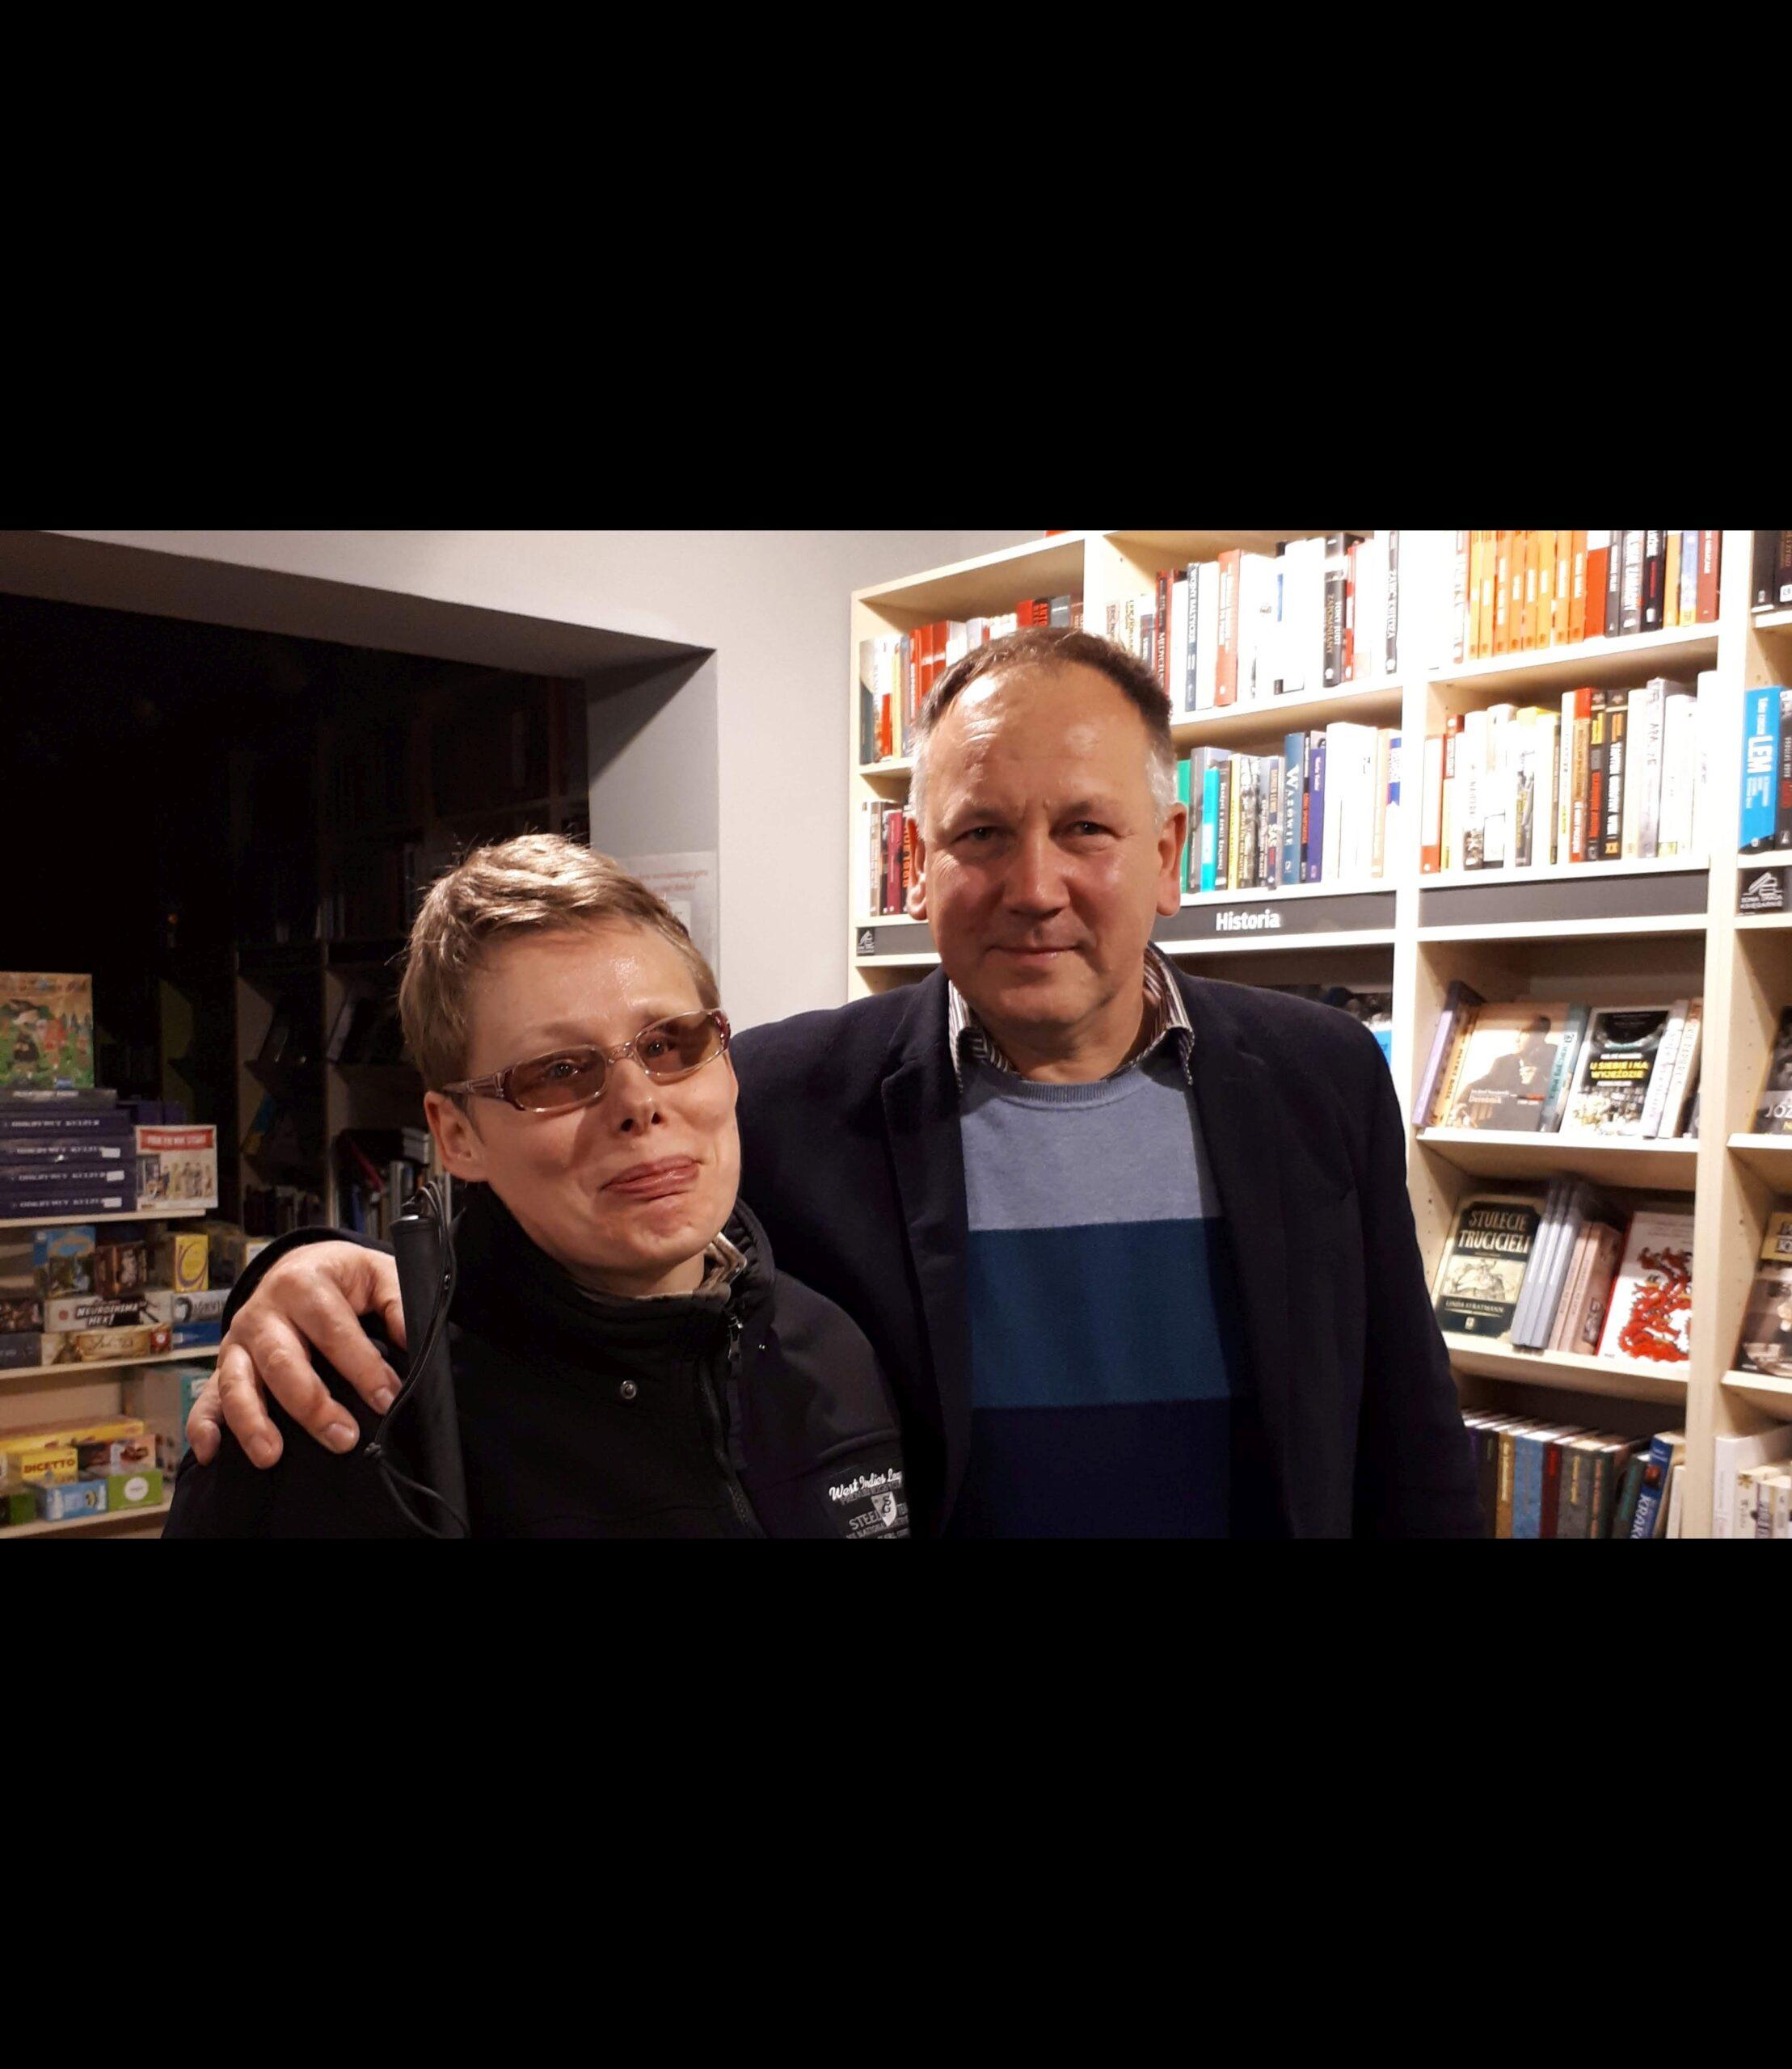 Na zdjęciu Stasia z Cezarym Łazarewiczem